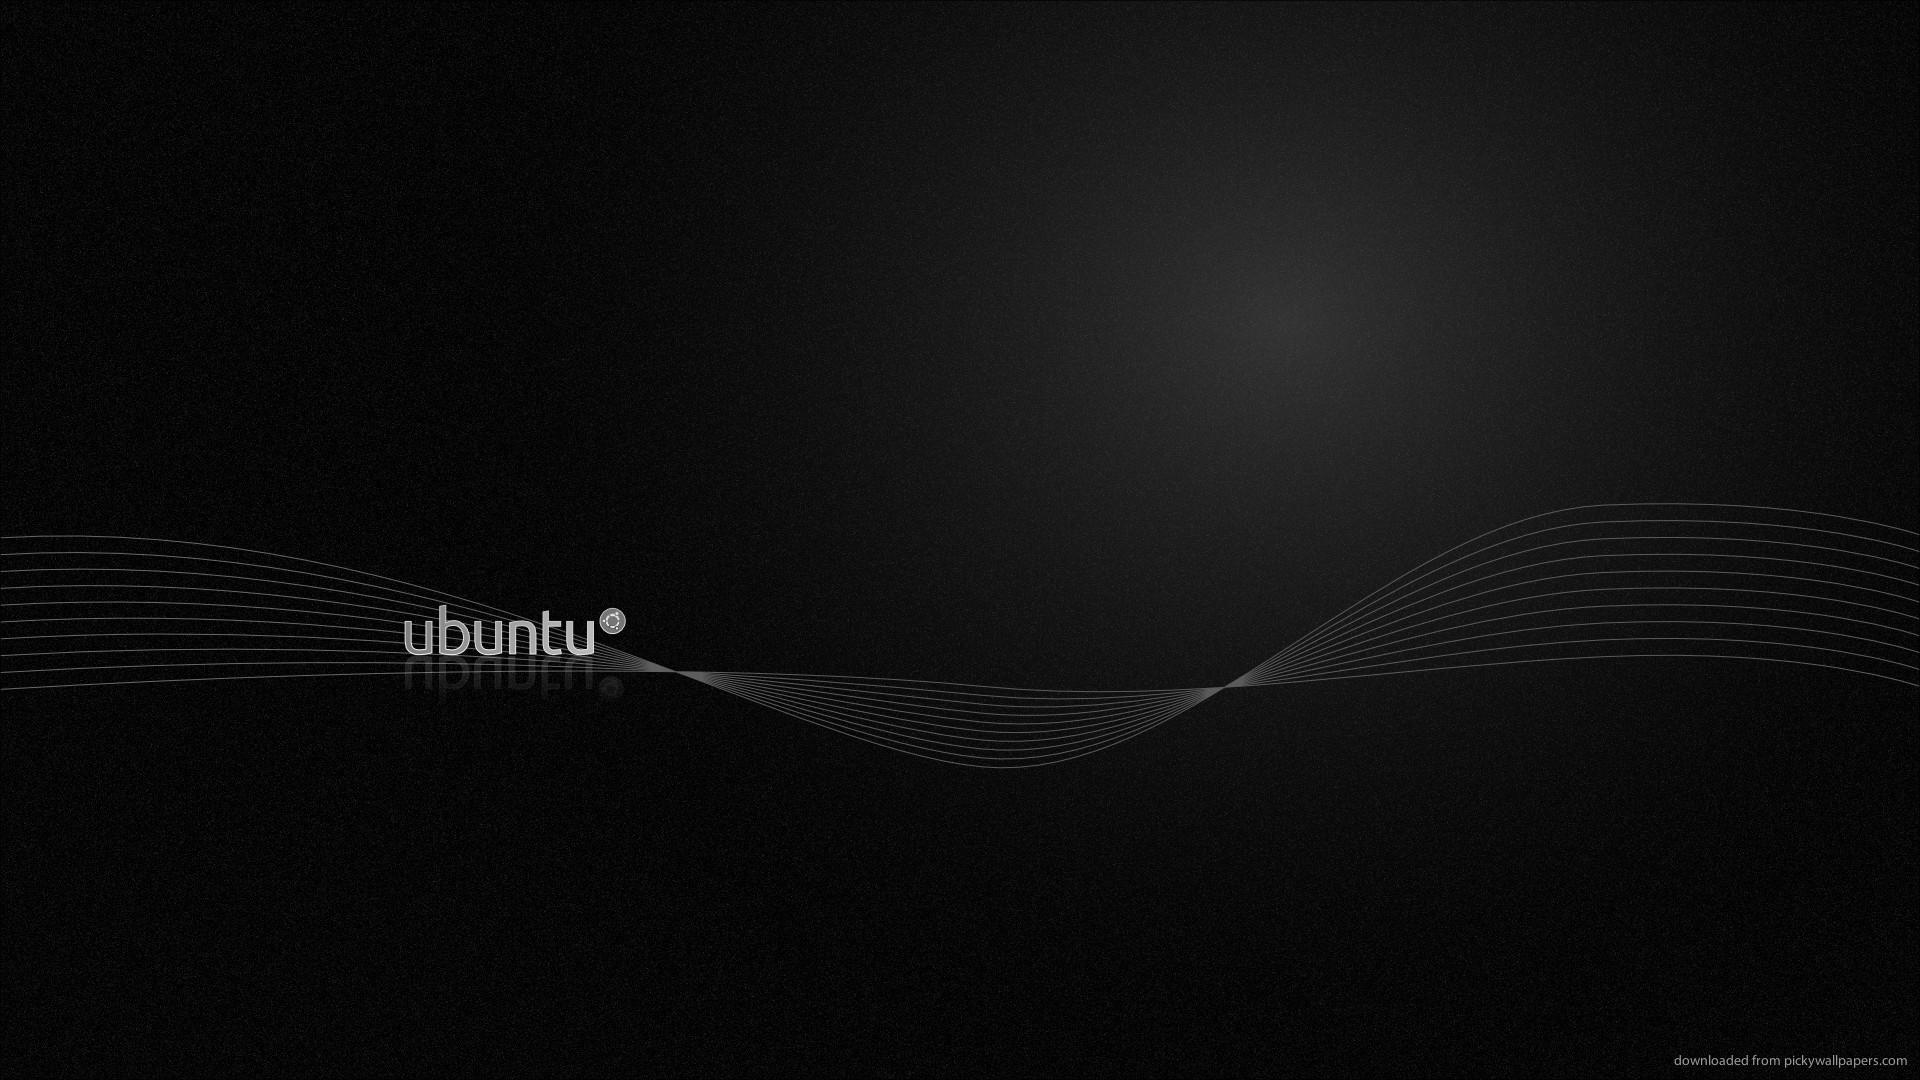 Ubuntu Linux Wallpapers (70+ images) Ubuntu Server Wallpaper